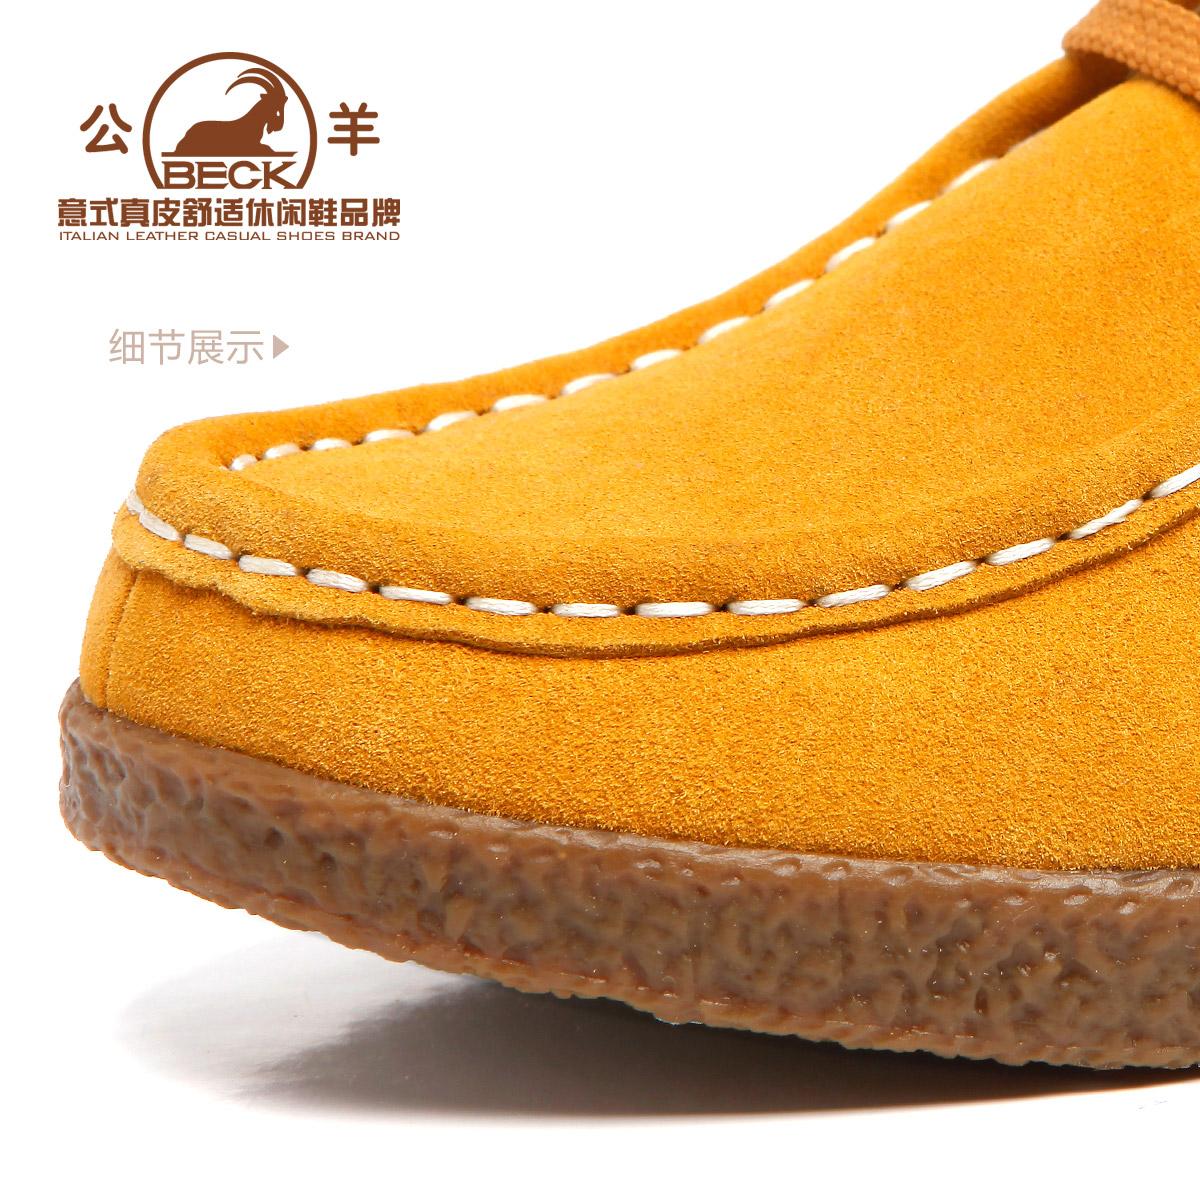 туфли Ram a21237 BECK Плоская подошва Нубук (шершавая кожа) Из второго слоя коровьей шкуры